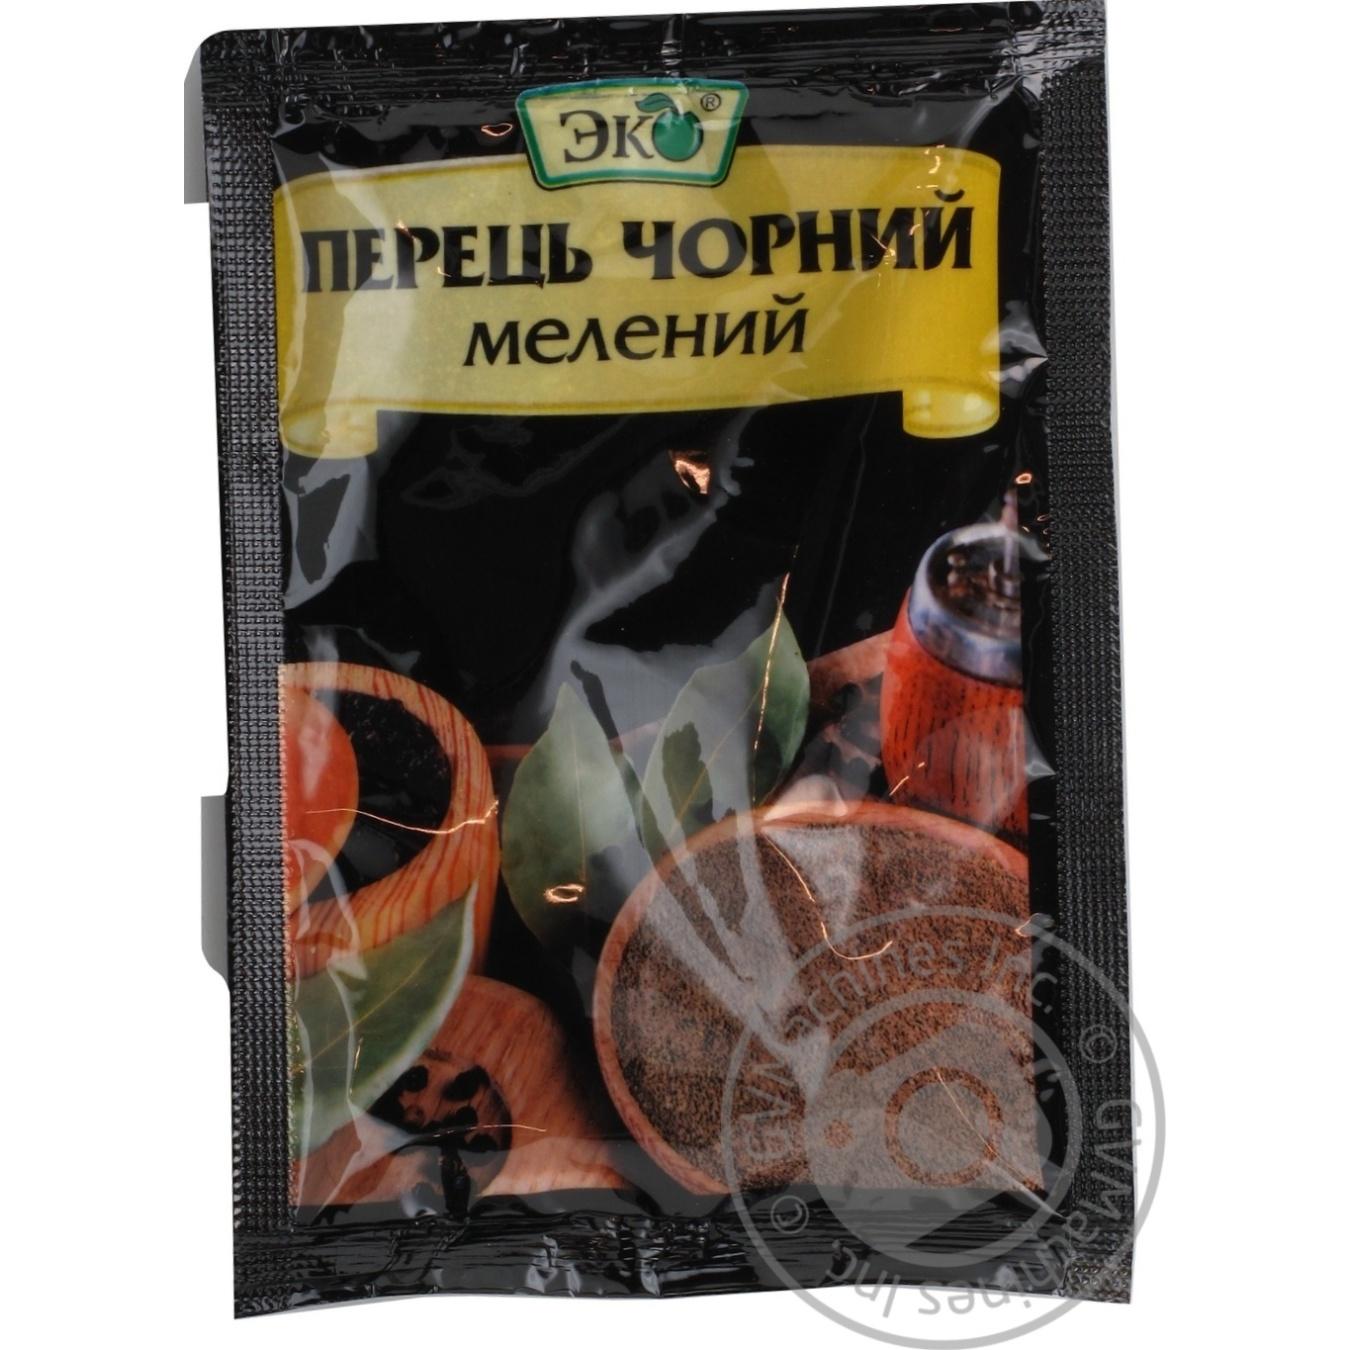 Купить Перец Эко черный молотый 20г